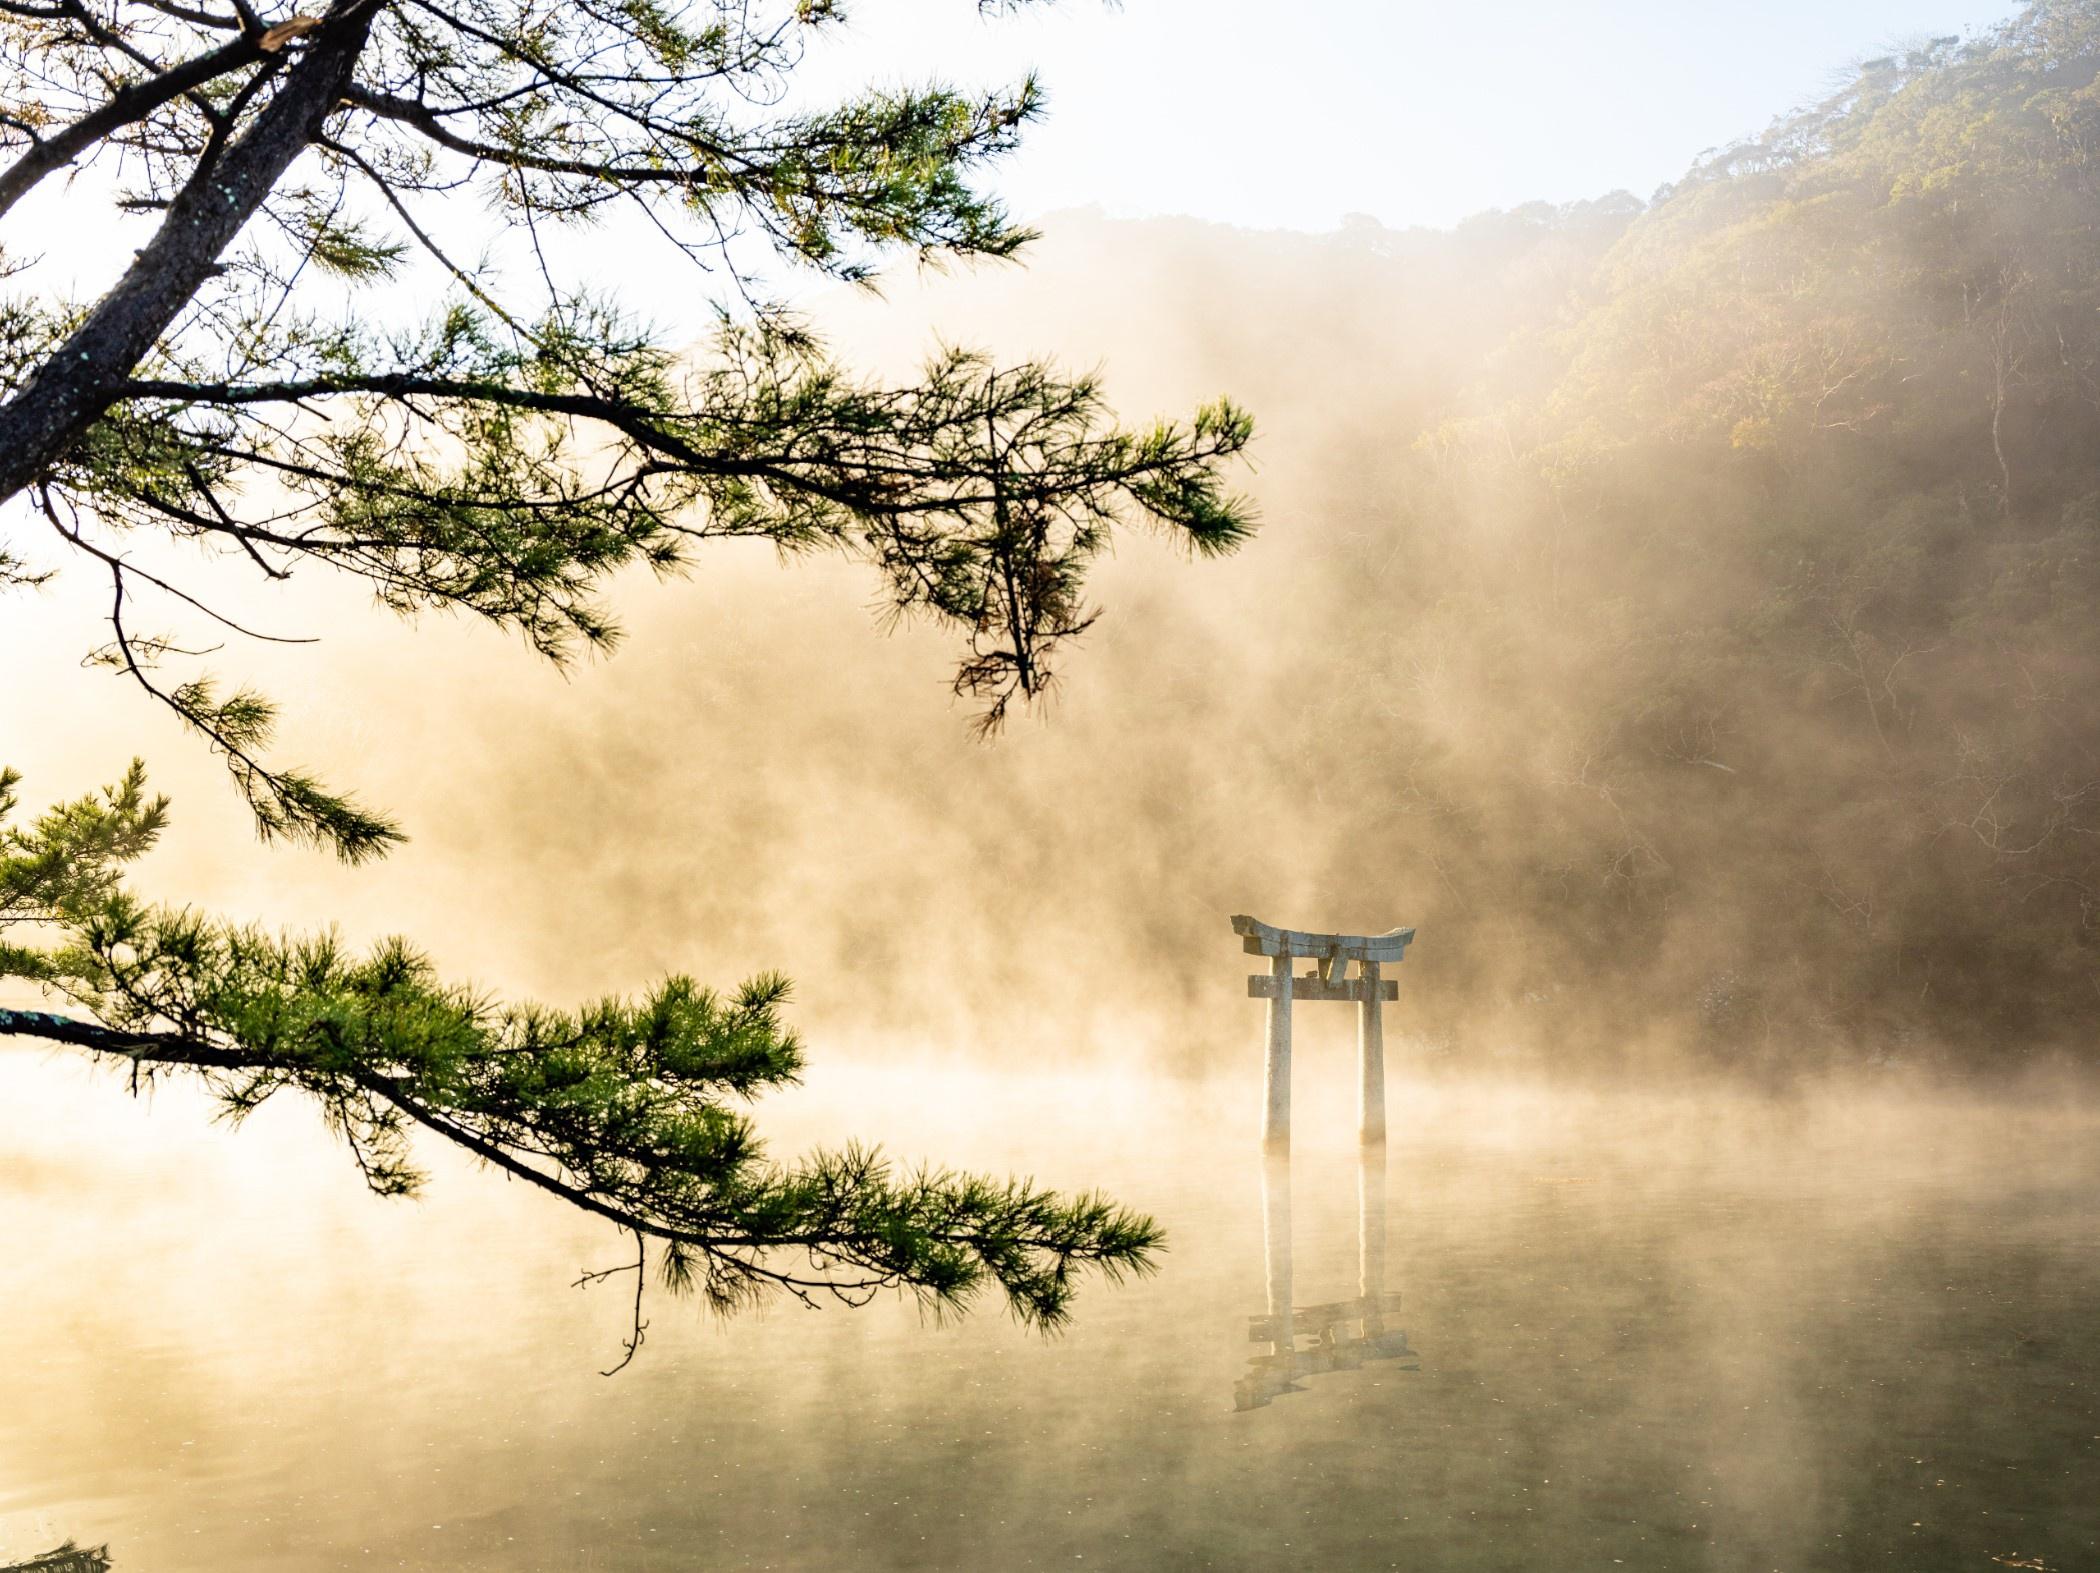 Hòn đảo hút khách du lịch nhờ game Ghost of Tsushima